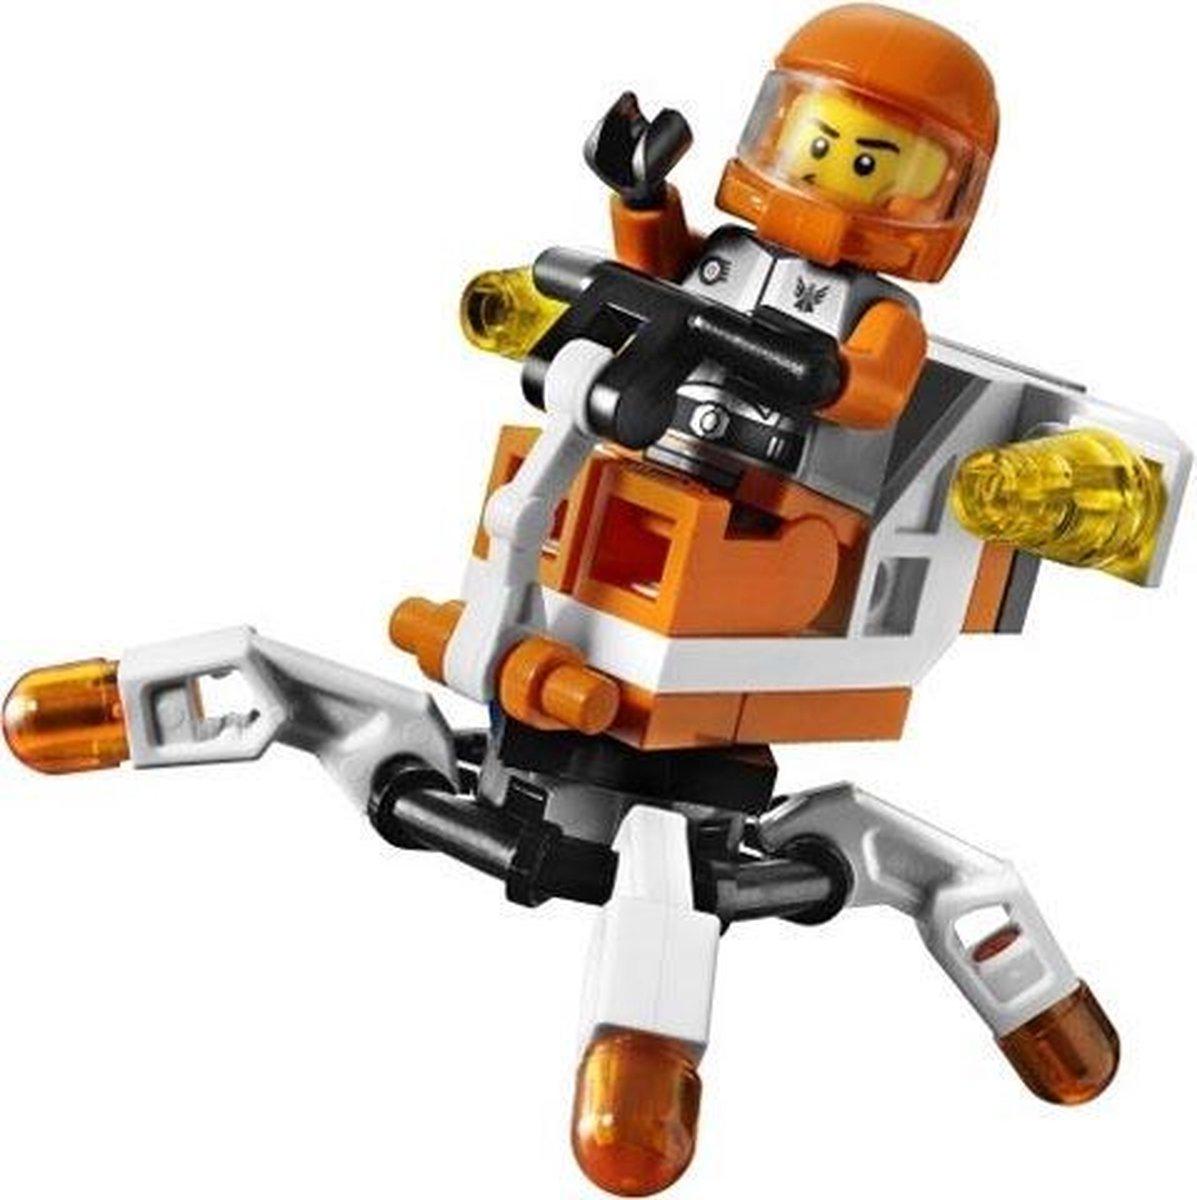 LEGO Galaxy Walker - 30230 (polybag)